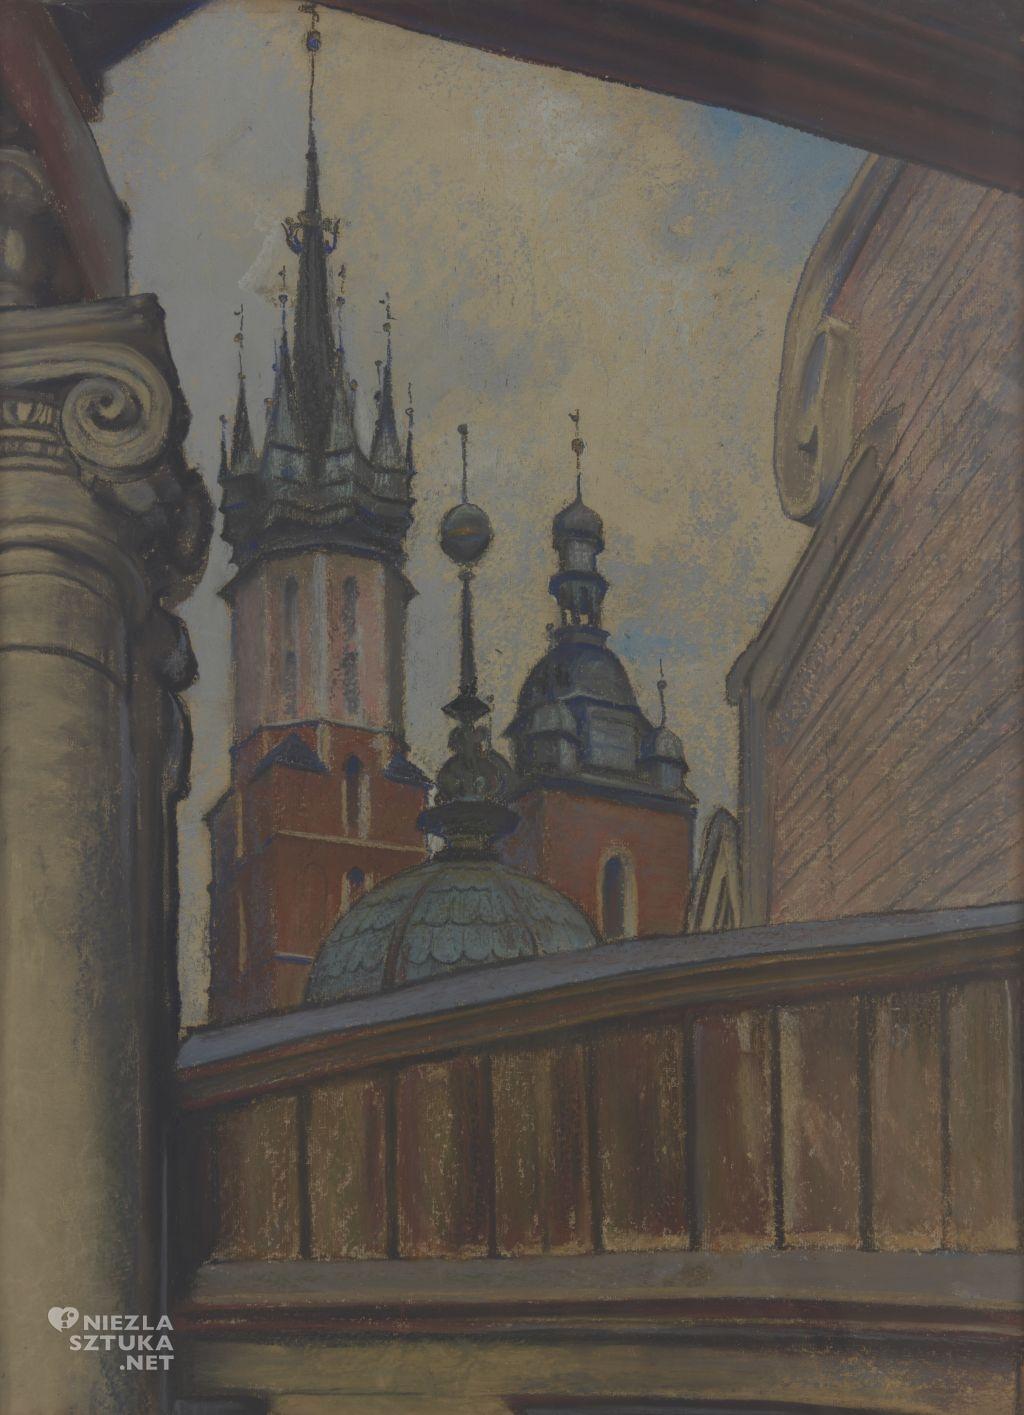 Stanisław Wyspiański Kościół Panny Maryi | 1905, Muzeum Narodowe w Krakowie